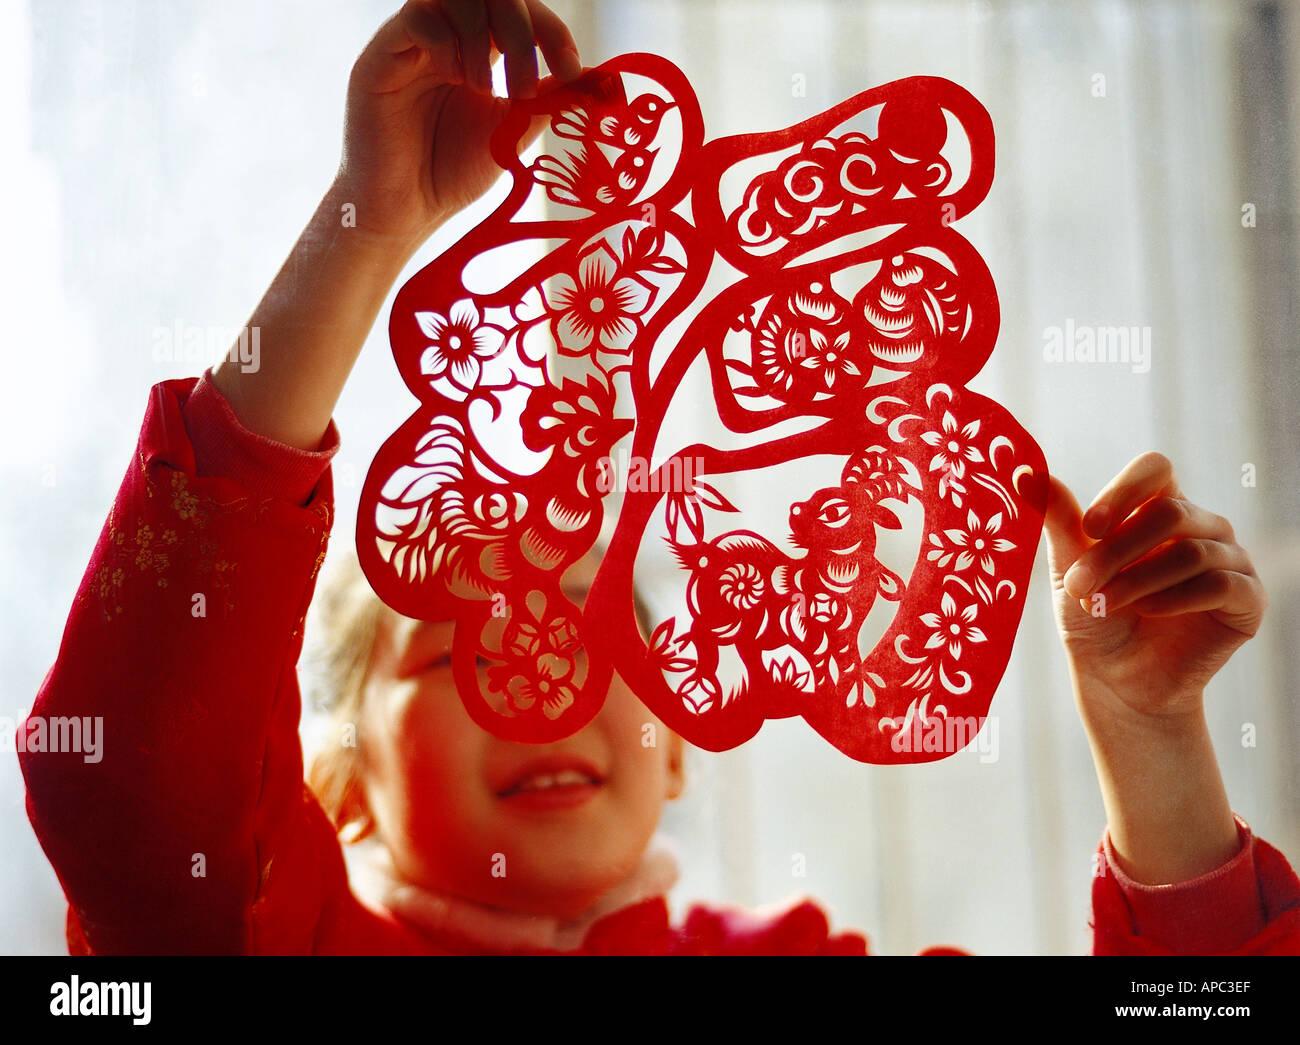 Un Chinois 910 ans, fille du collage d'un coupe papier fenêtre sur le nouvel an chinois s eve Photo Stock